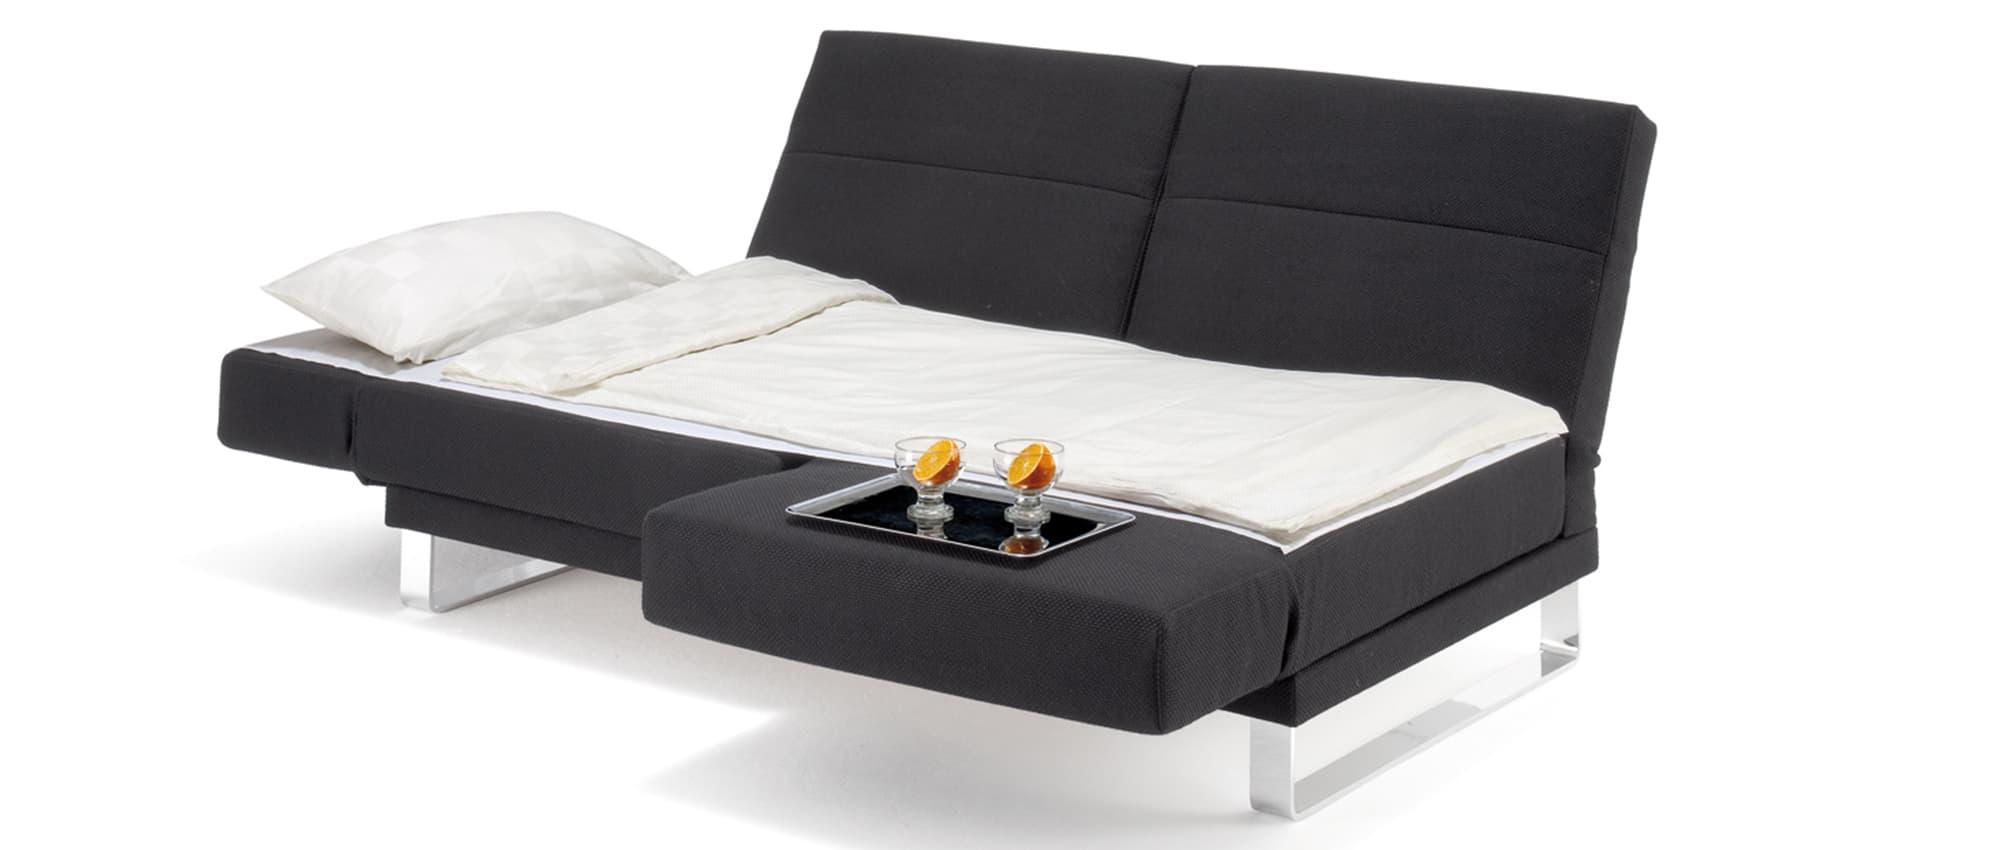 RIGA Schlafsofa von Franz Fertig - Liegefläche ca. 90x250 cm. platzsparendes Gästebett. Sofa mit Bettfunktion für eine Person.